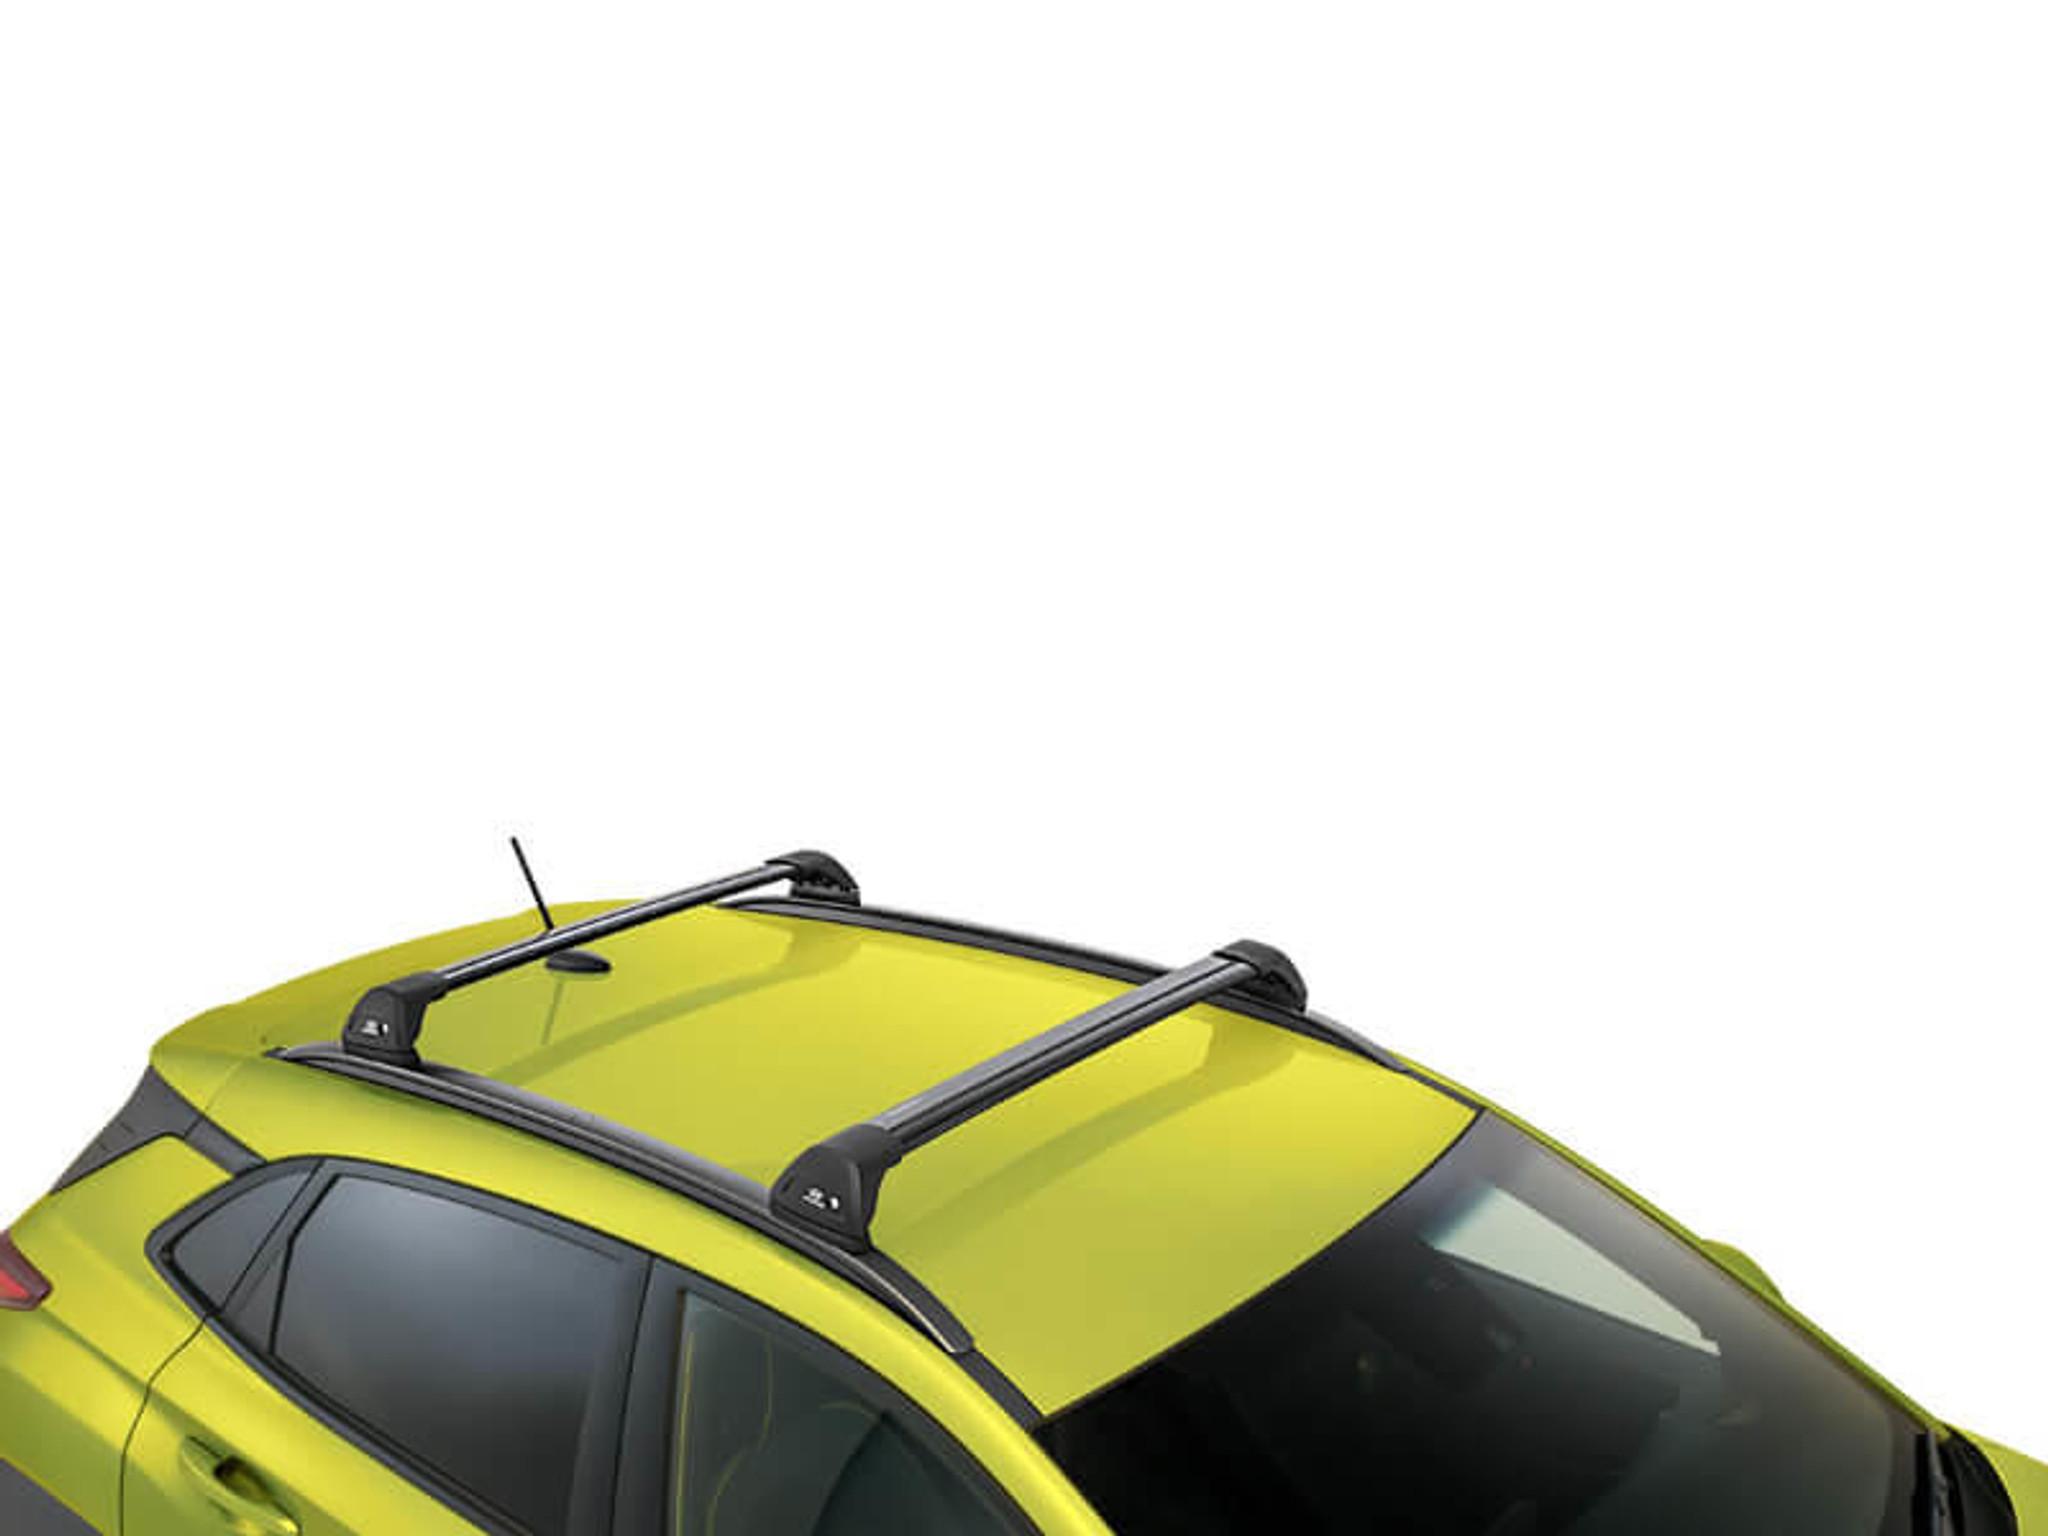 os kona roof racks flush mount part no hyj9a12aph00